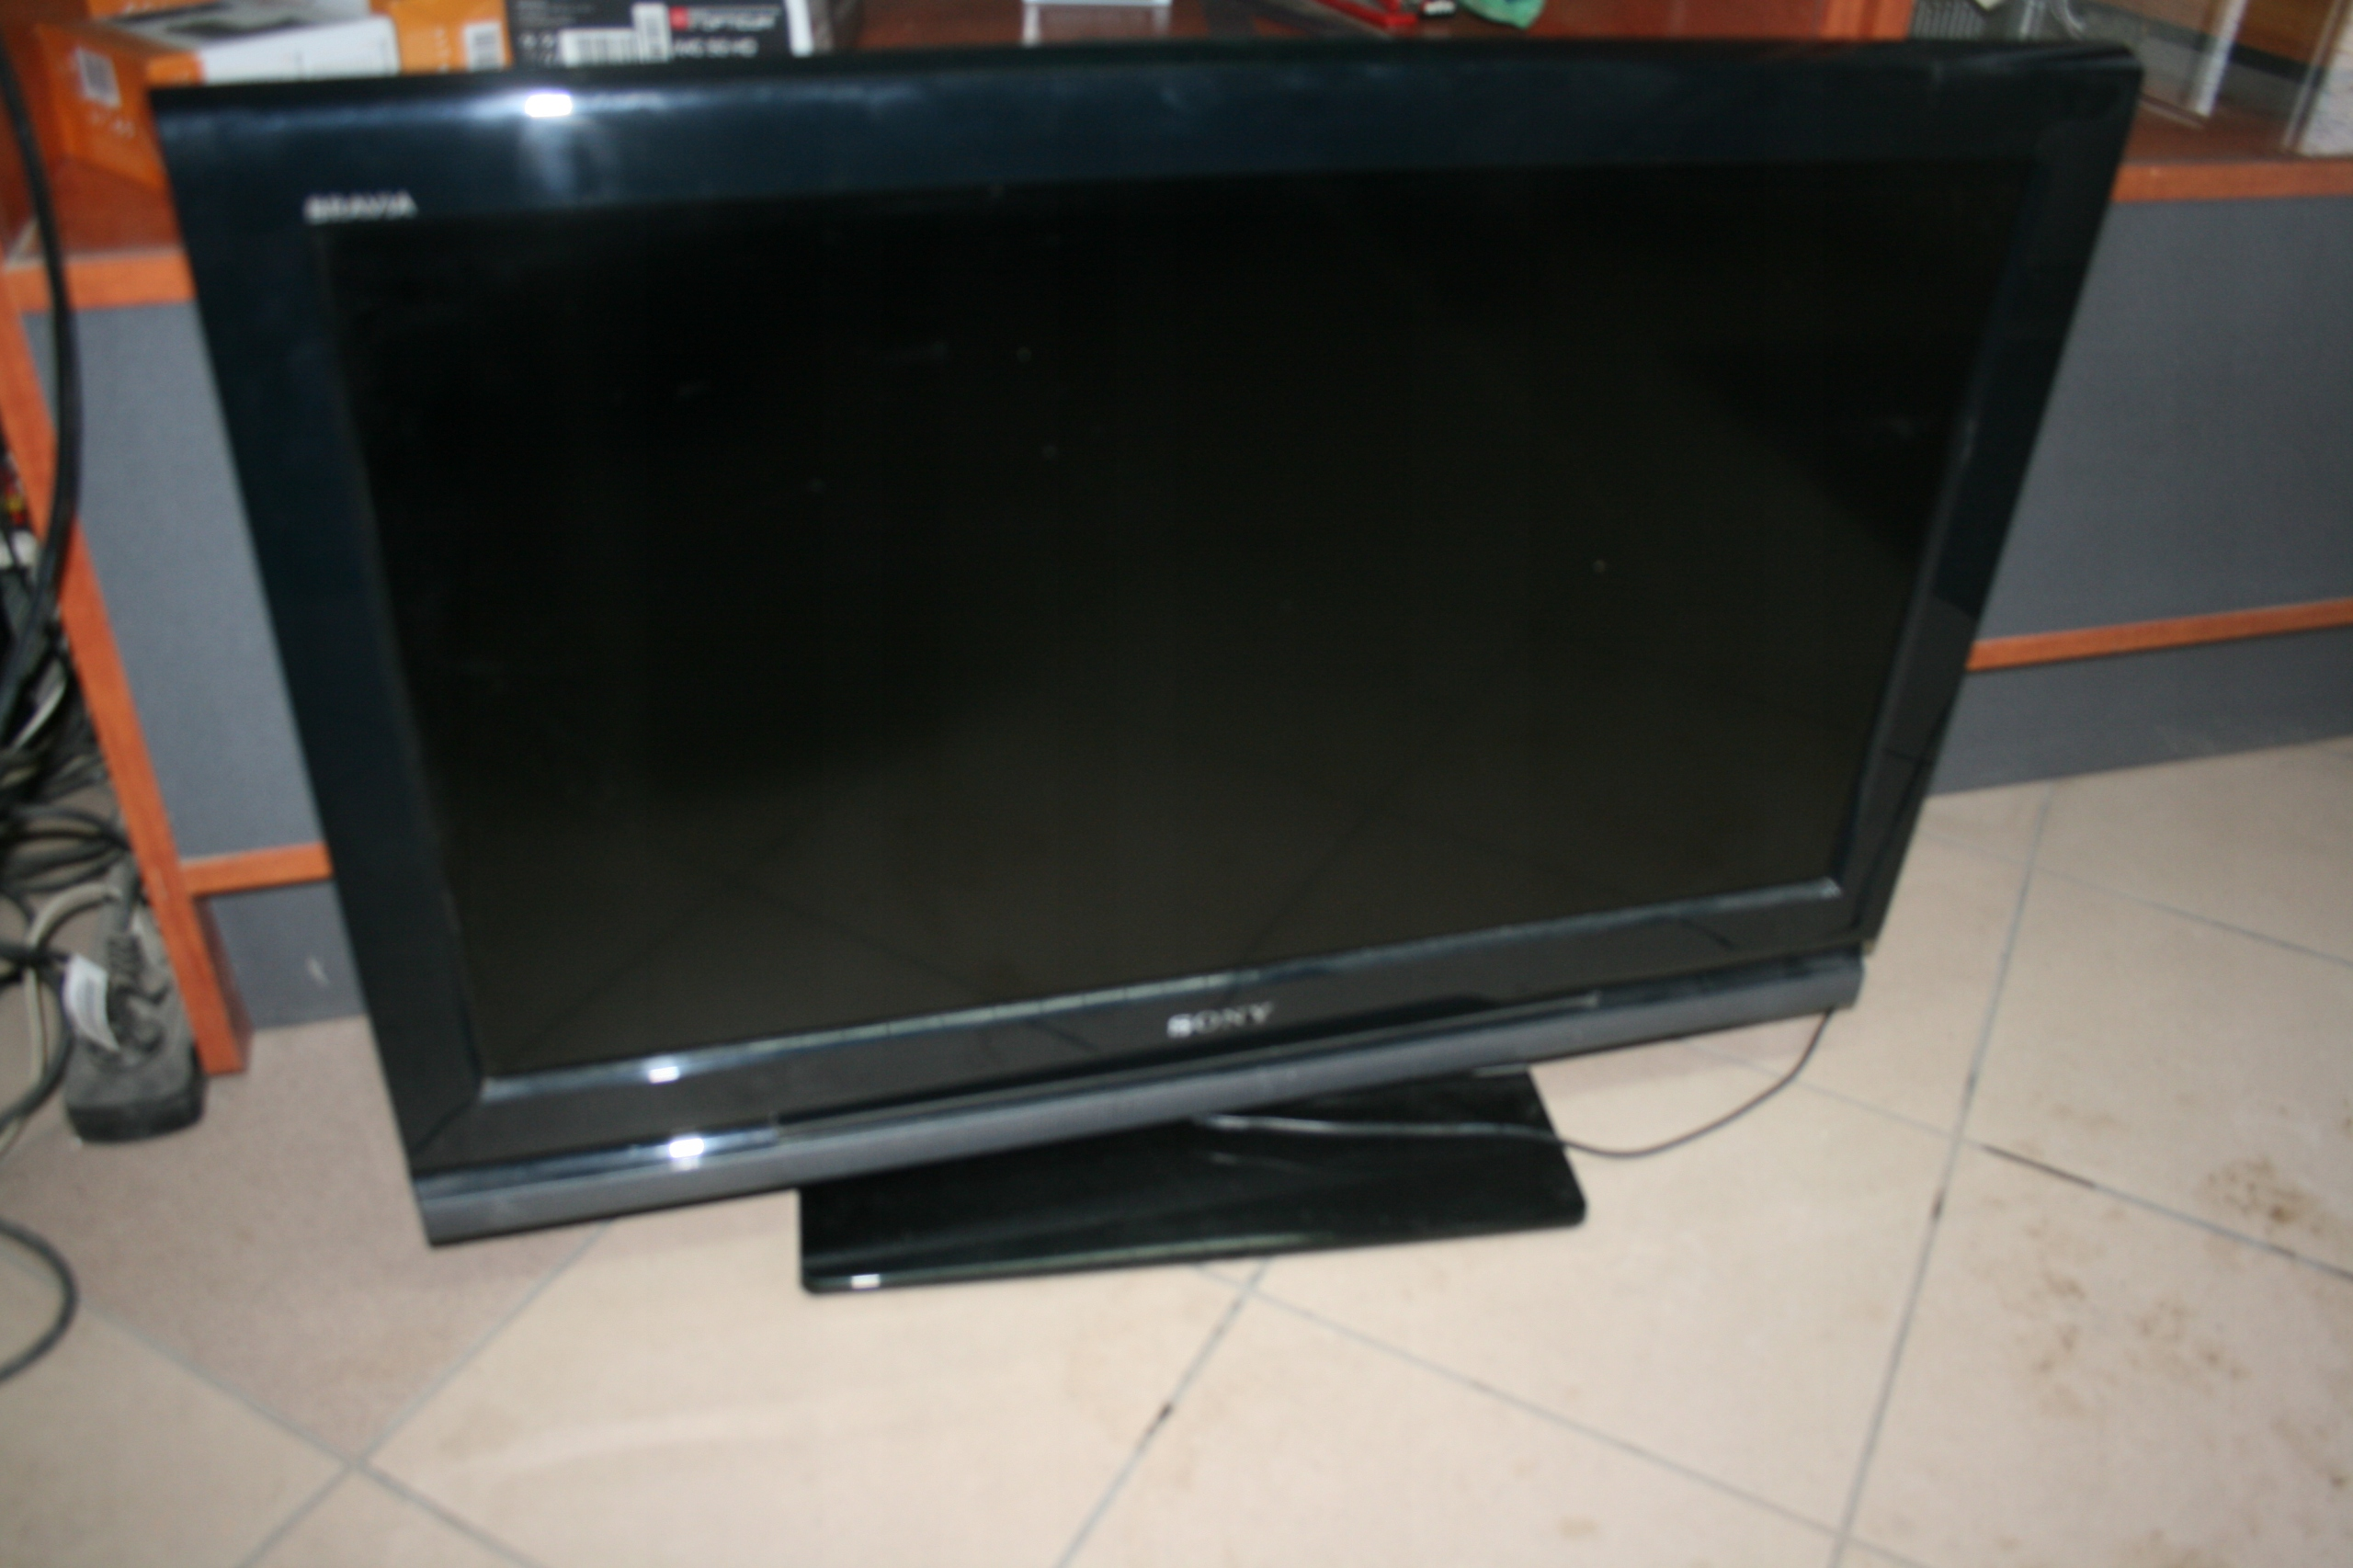 telewizor sony KDL-32V4000